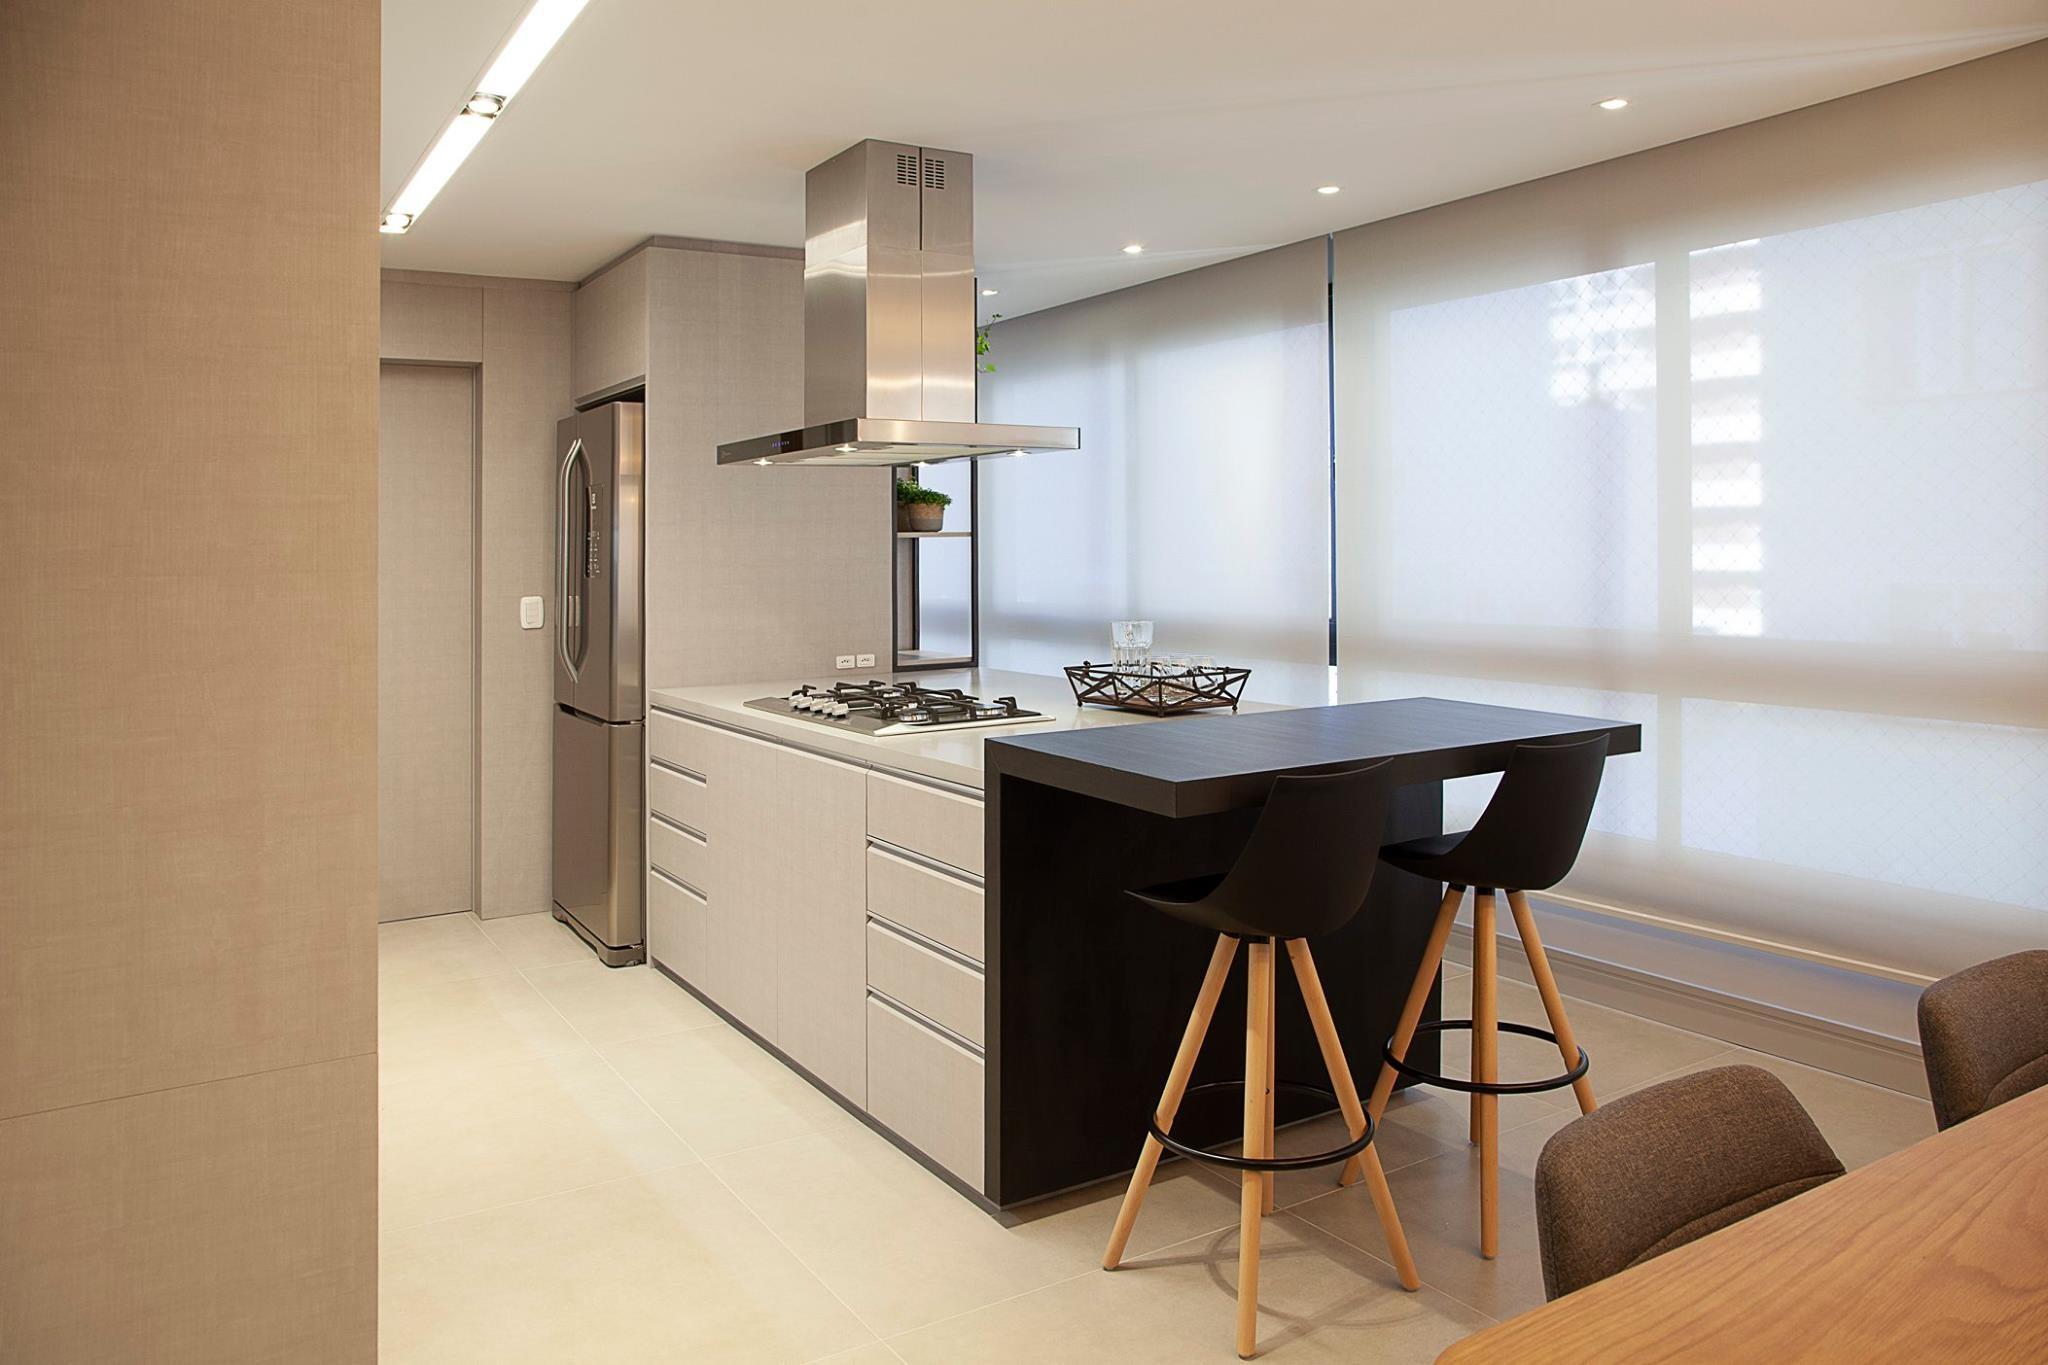 Cozinha-DAIANE TREVISAN ARQUITETURA